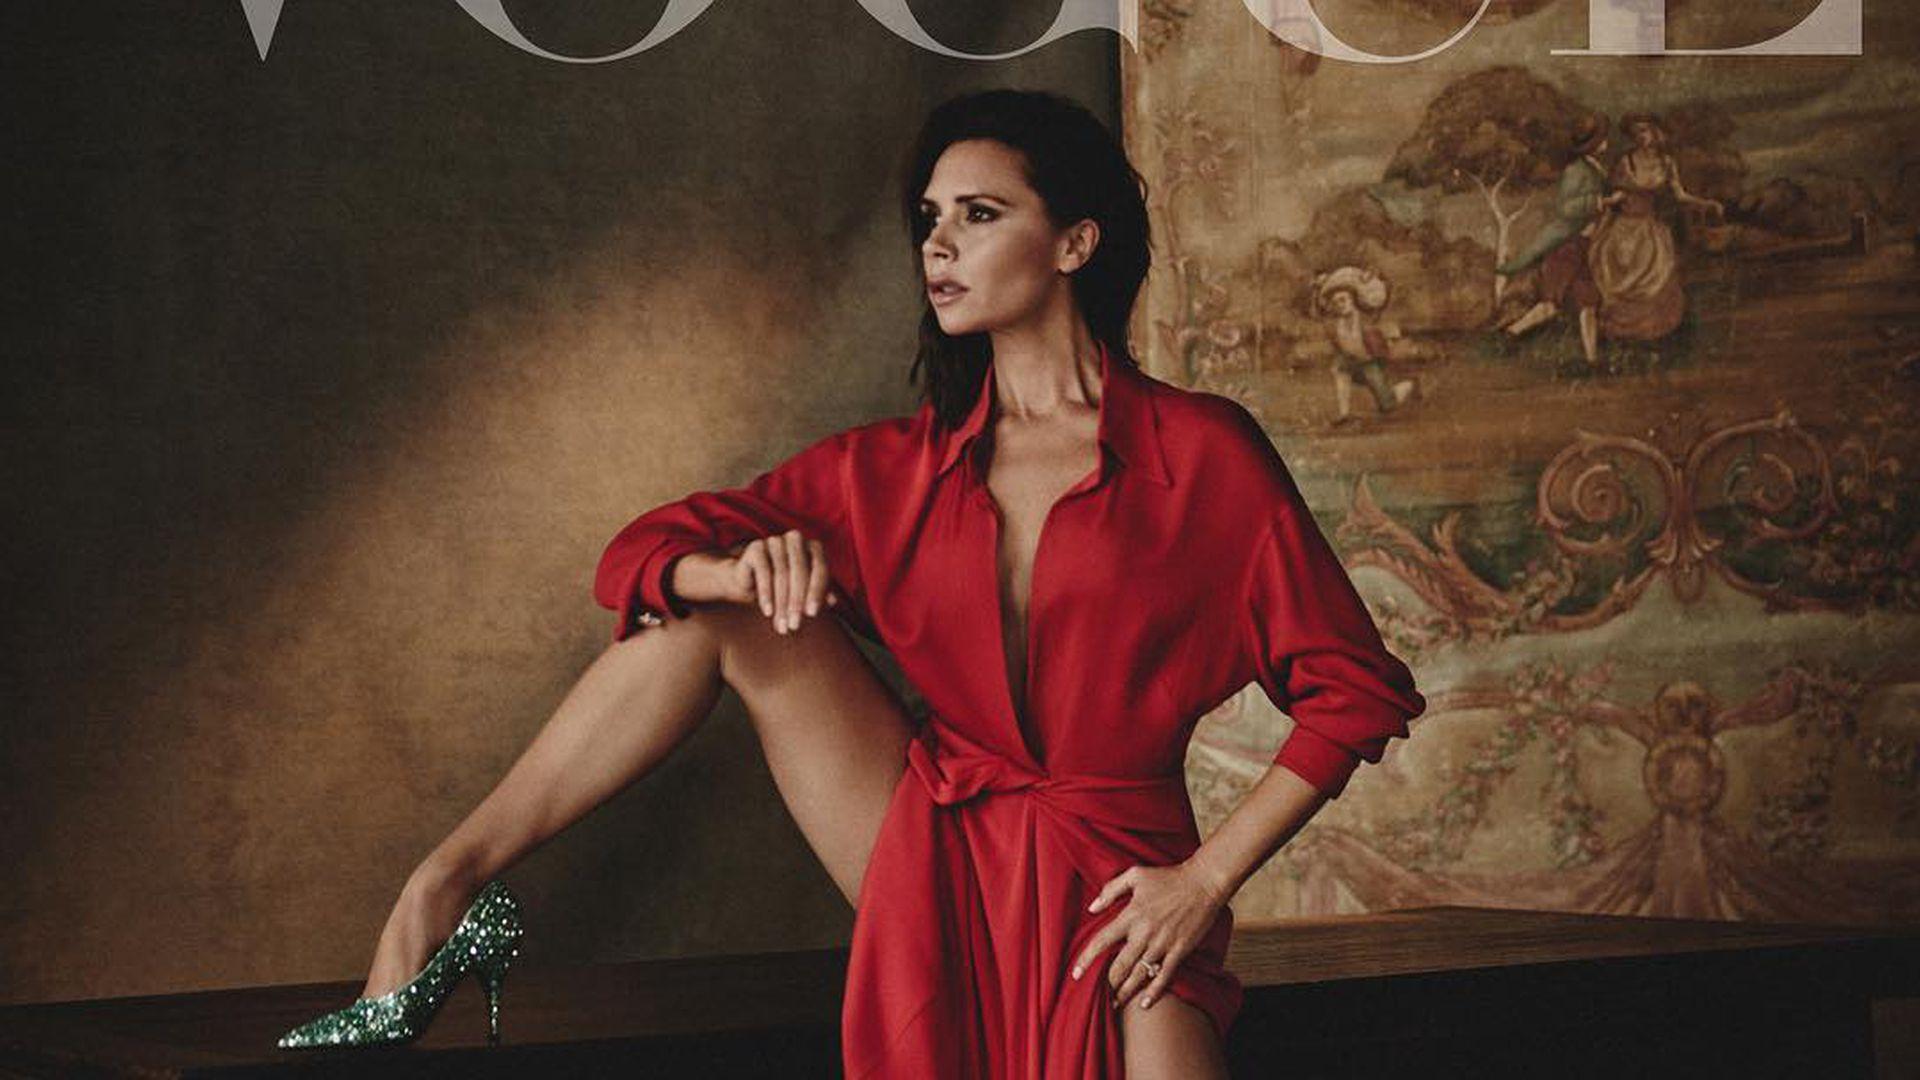 Supersexy Mit 43 Vic Beckham Lasziv Auf Spanischer Vogue